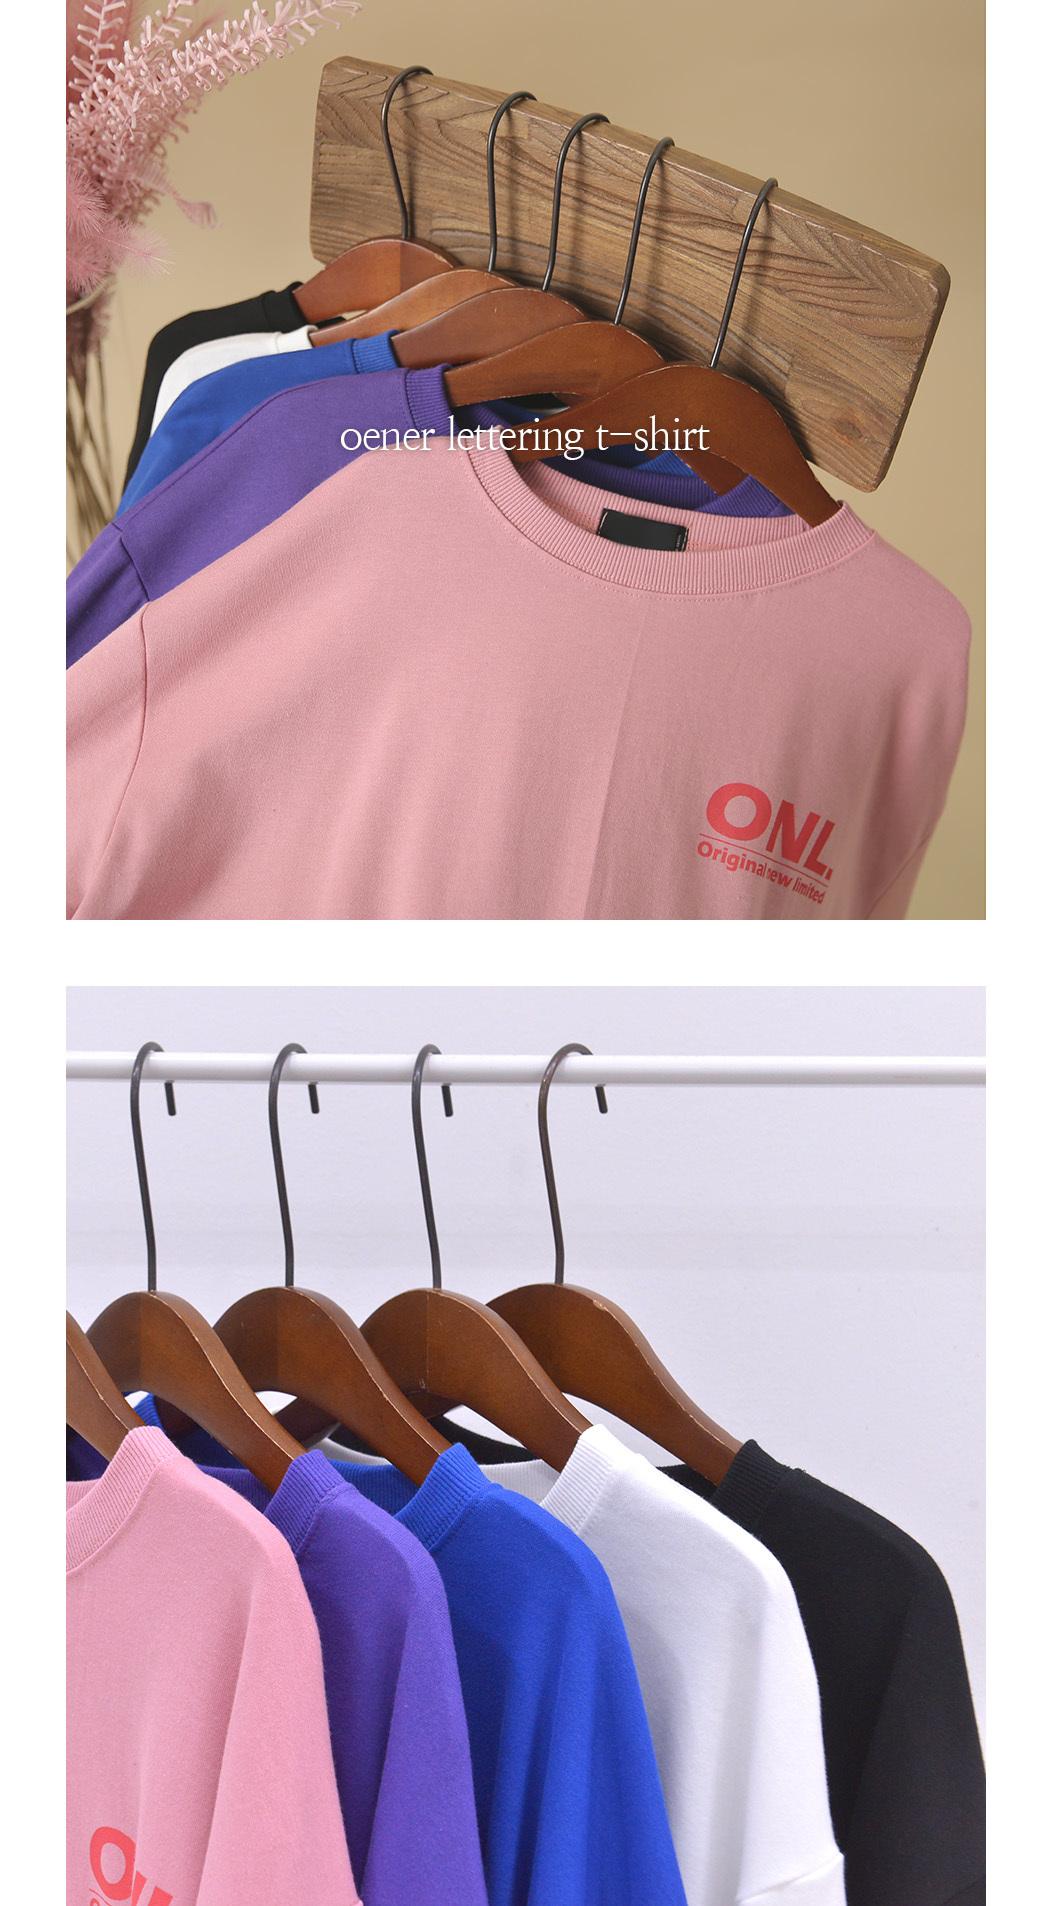 오에넬 레터링 티셔츠